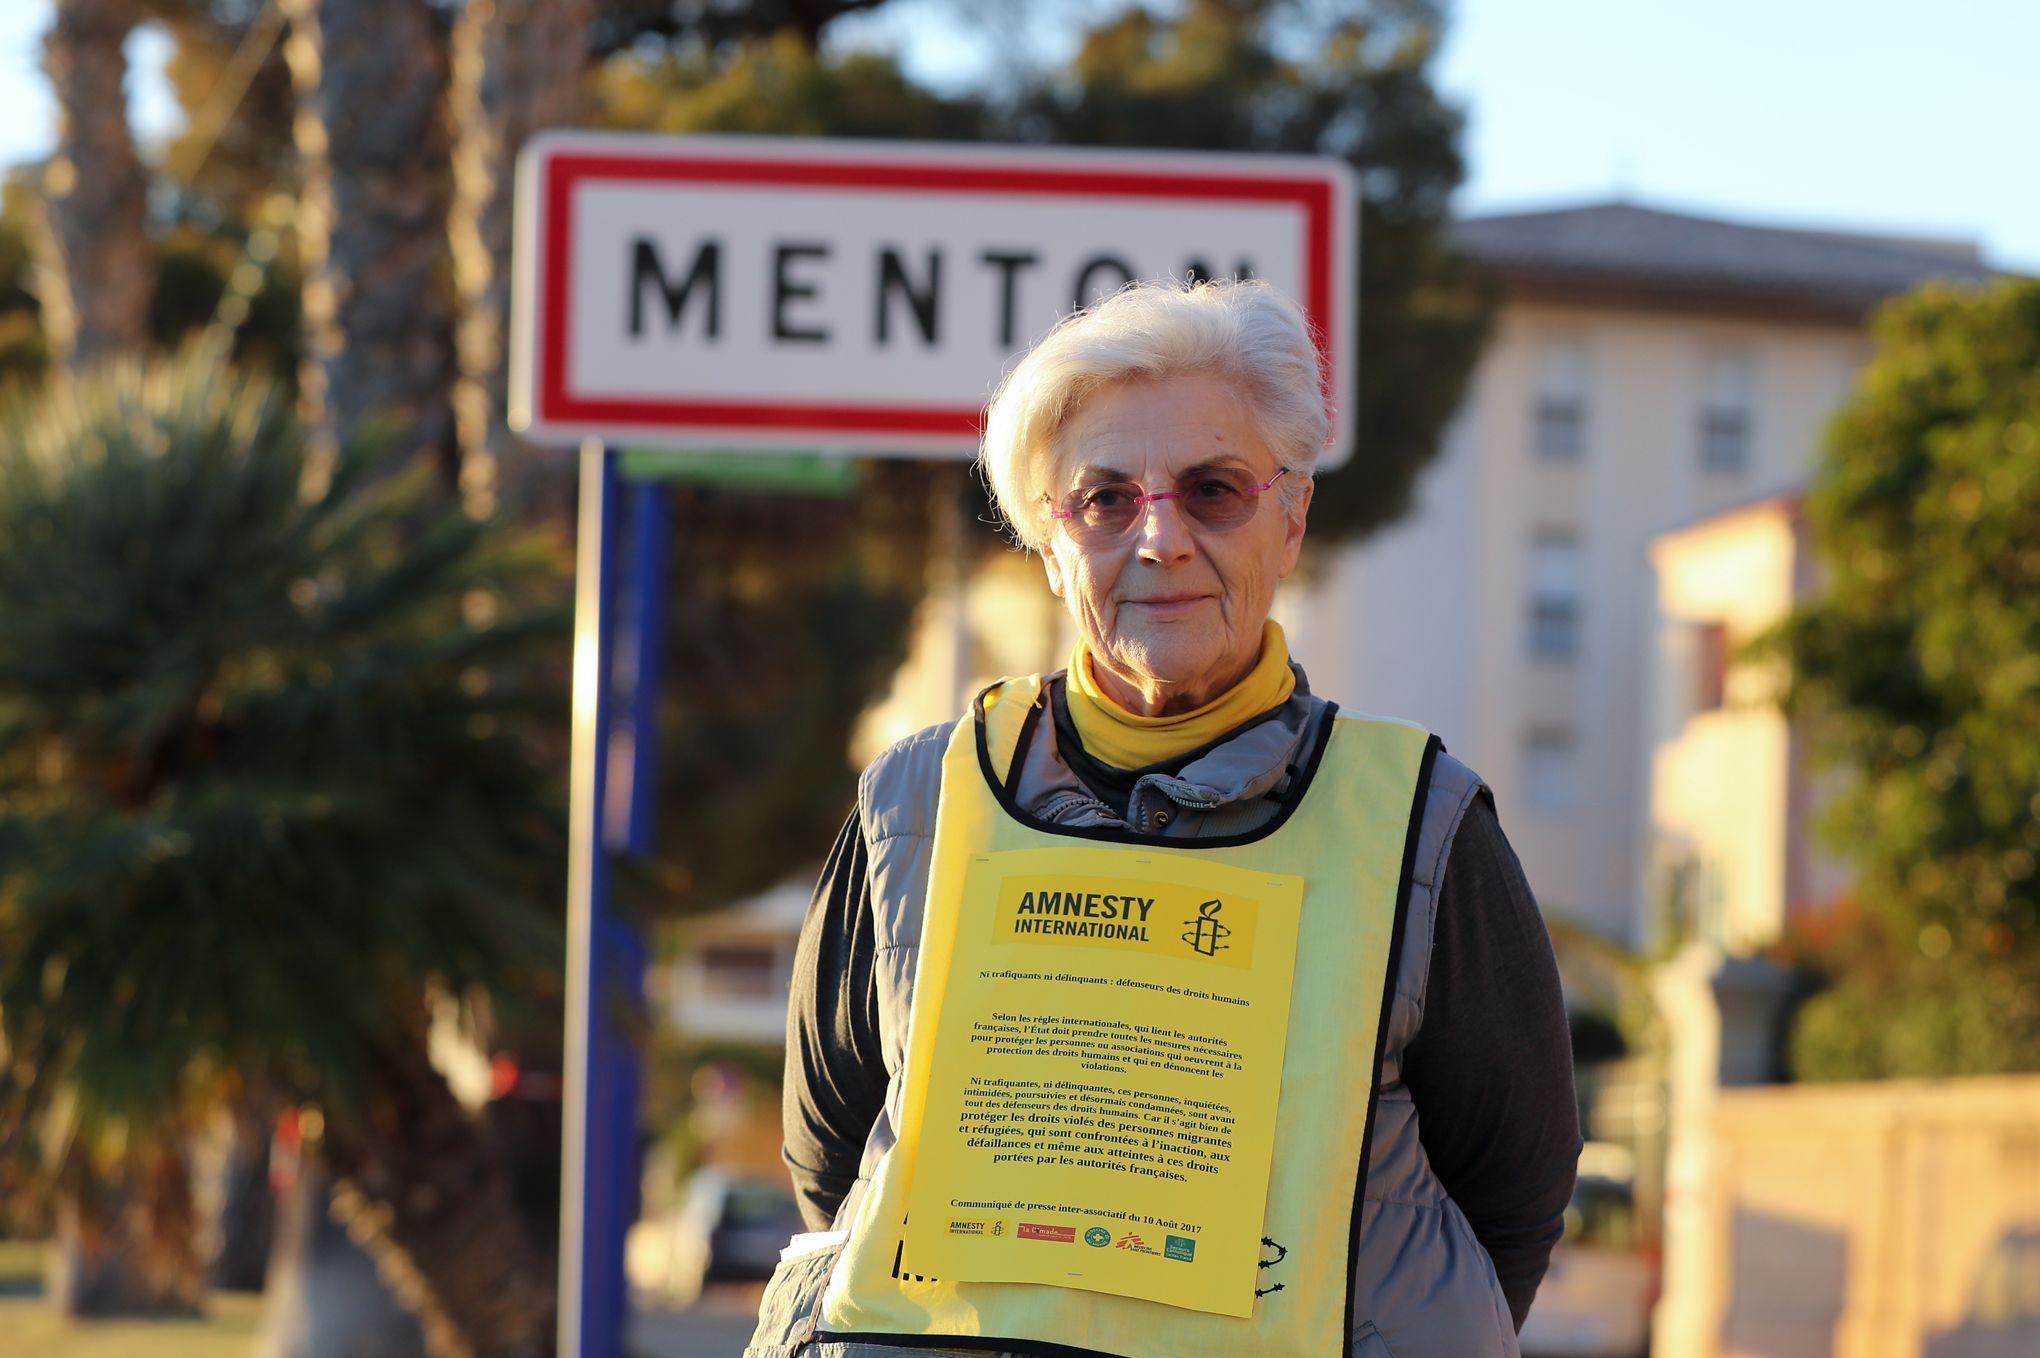 Une responsable d'Amnesty International poursuivie pour aide